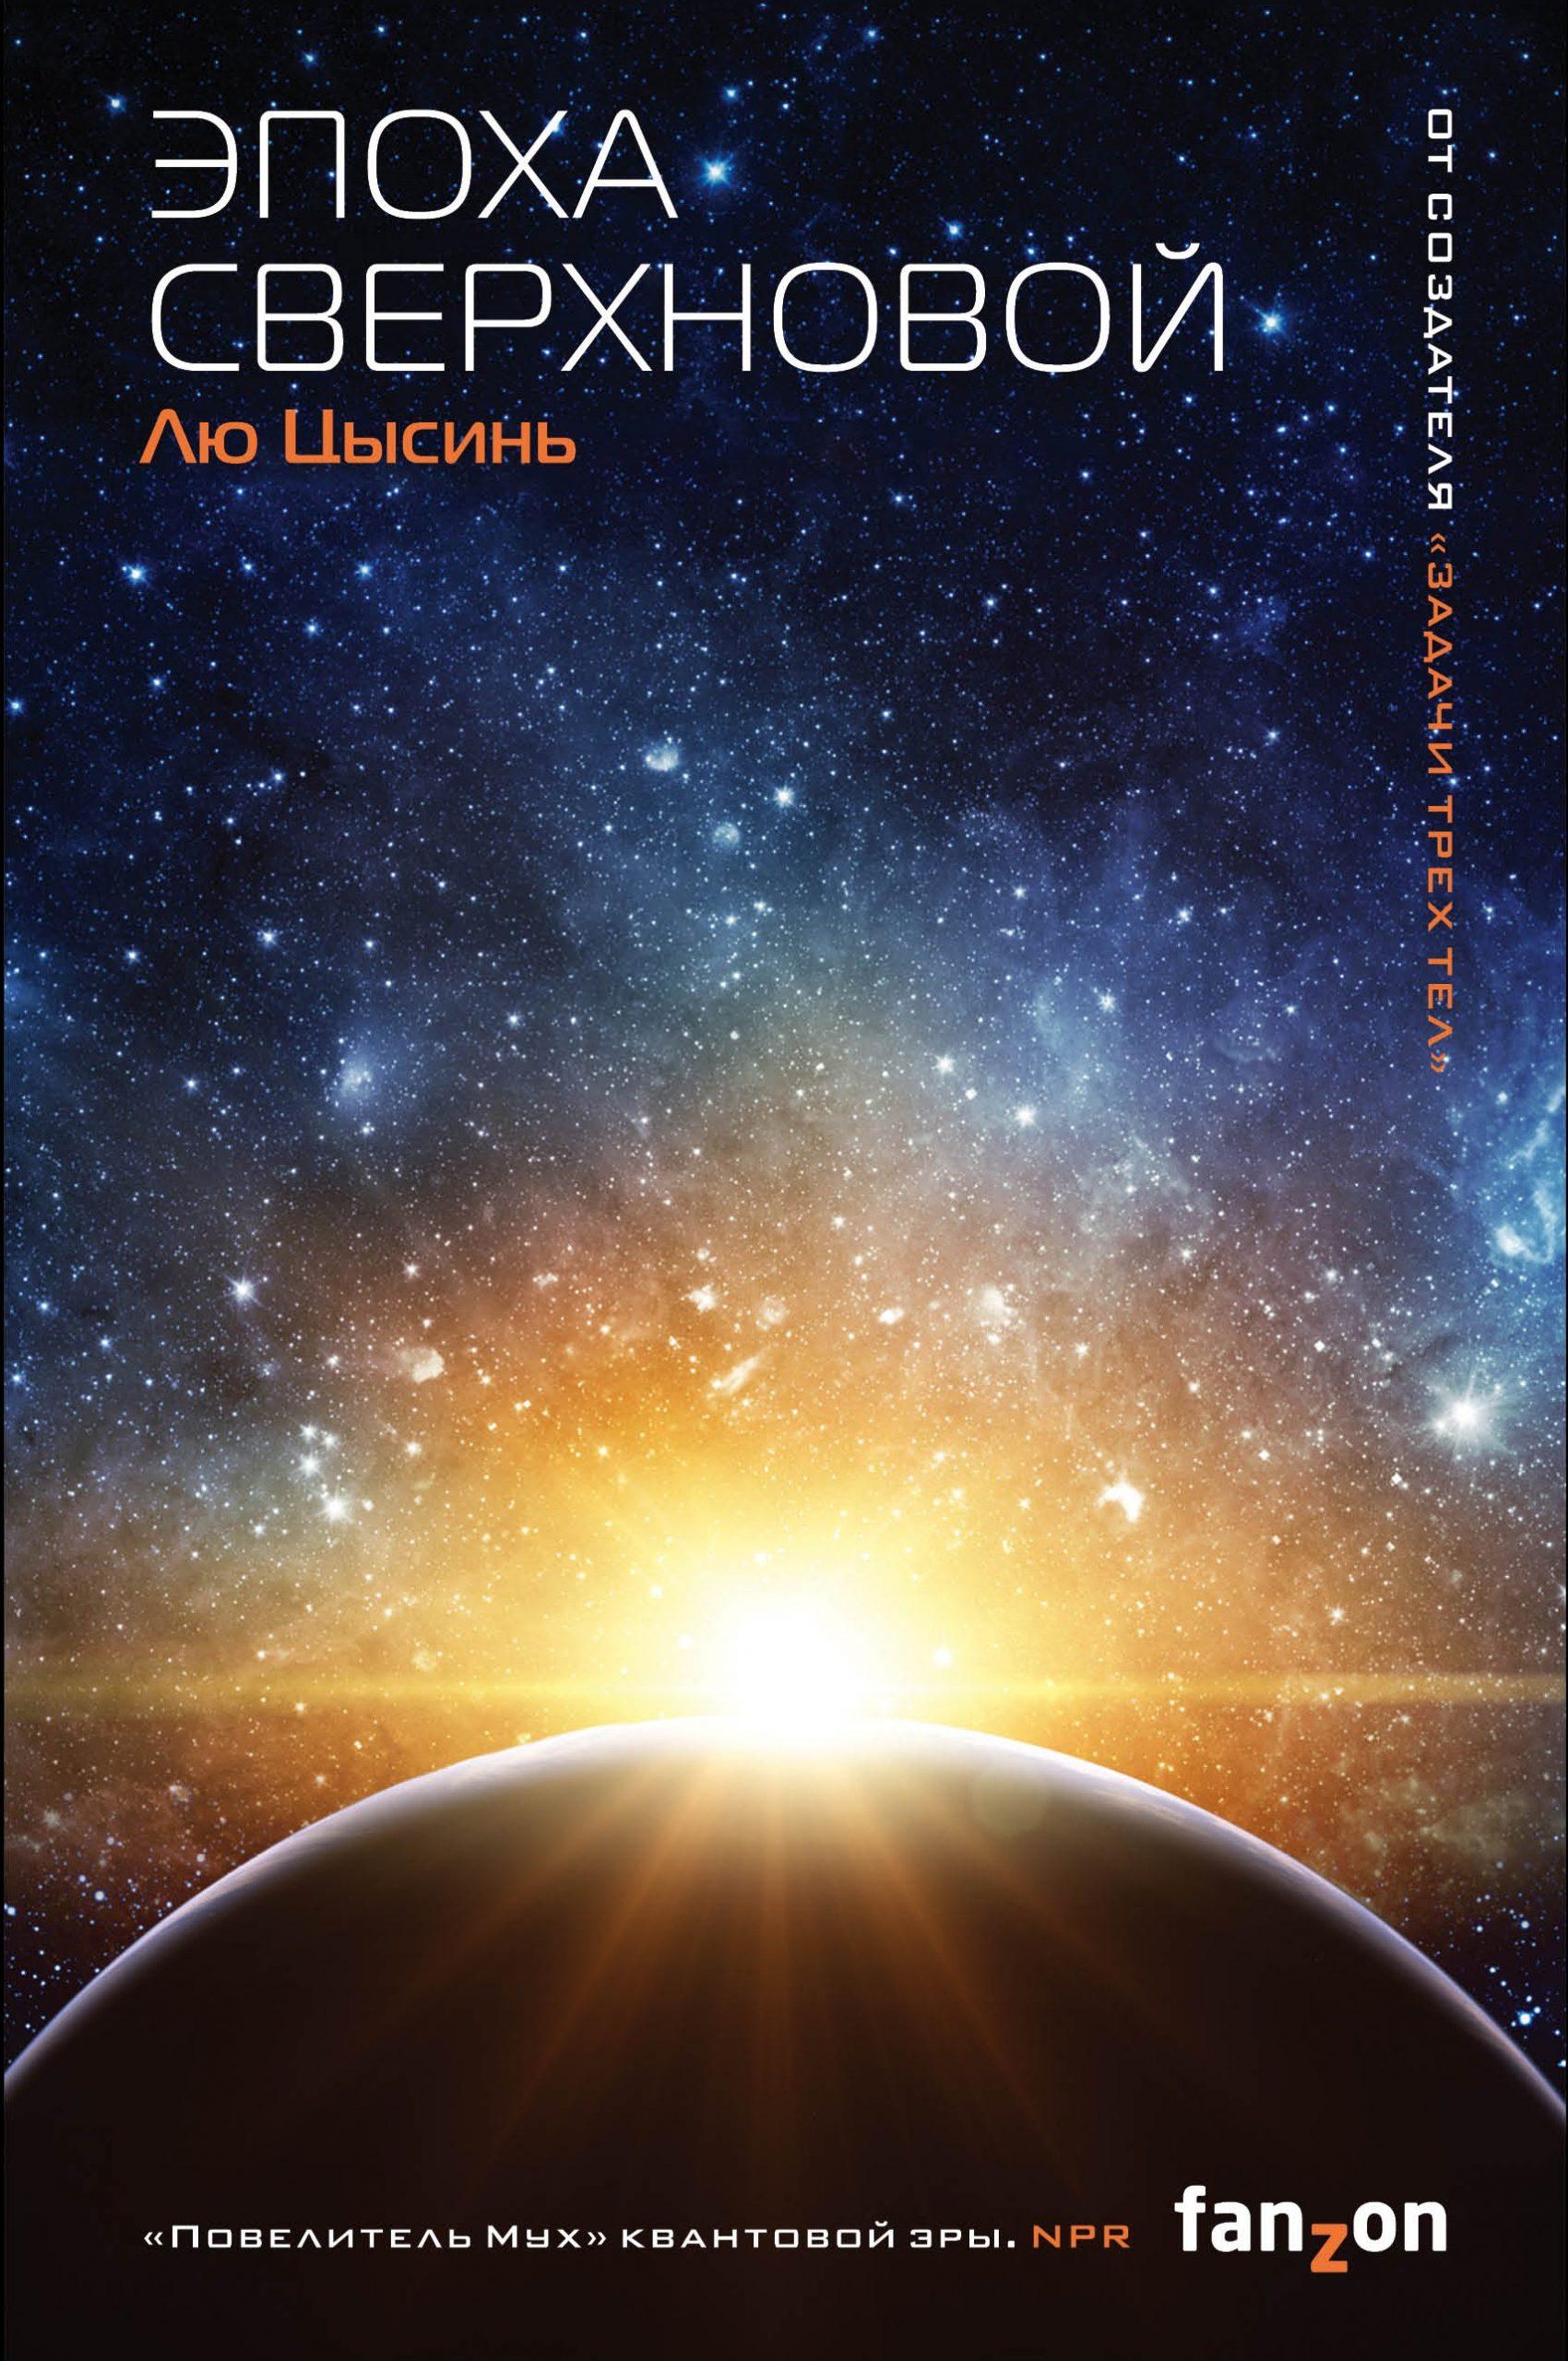 Читаем книгу Лю Цысиня «Эпоха Сверхновой» 1